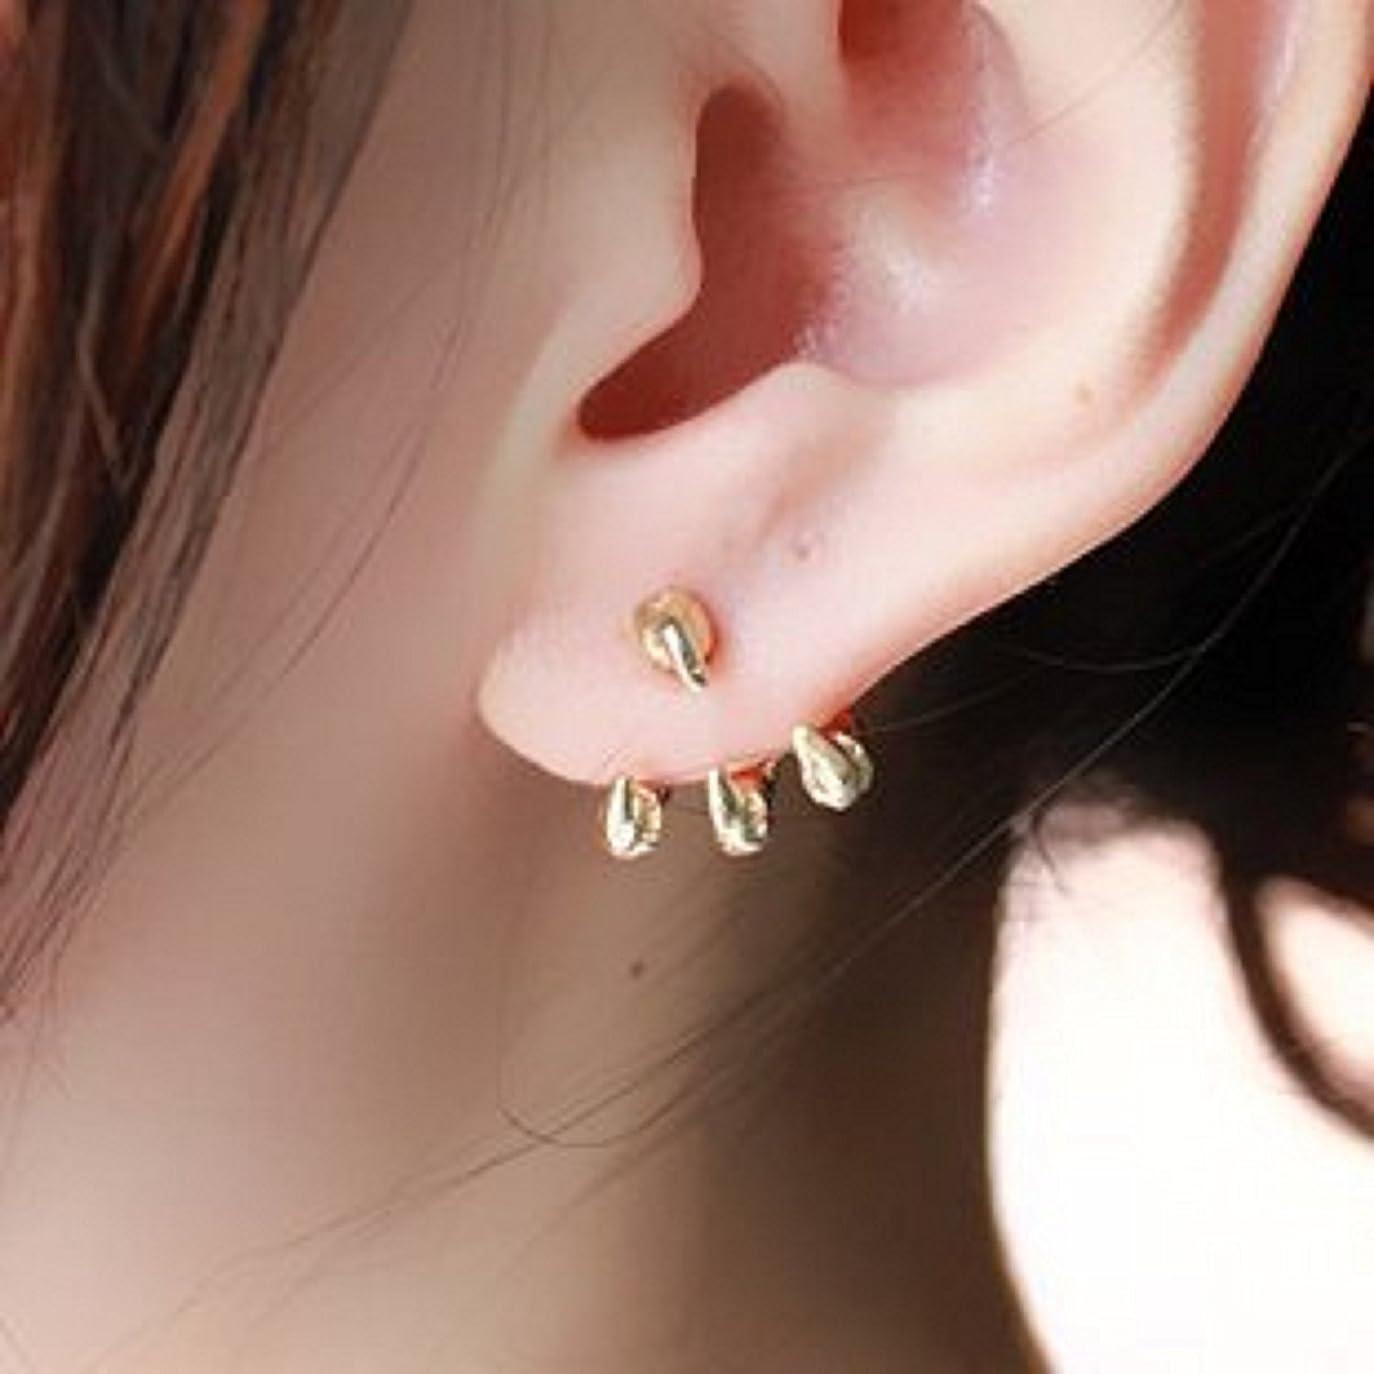 研磨剤花に水をやる純粋なドラゴンの爪ピアス 龍の爪タイプ 2個セット両耳用 耳飾り メンズ レディース ゴールド Gold プレゼント?贈り物にも